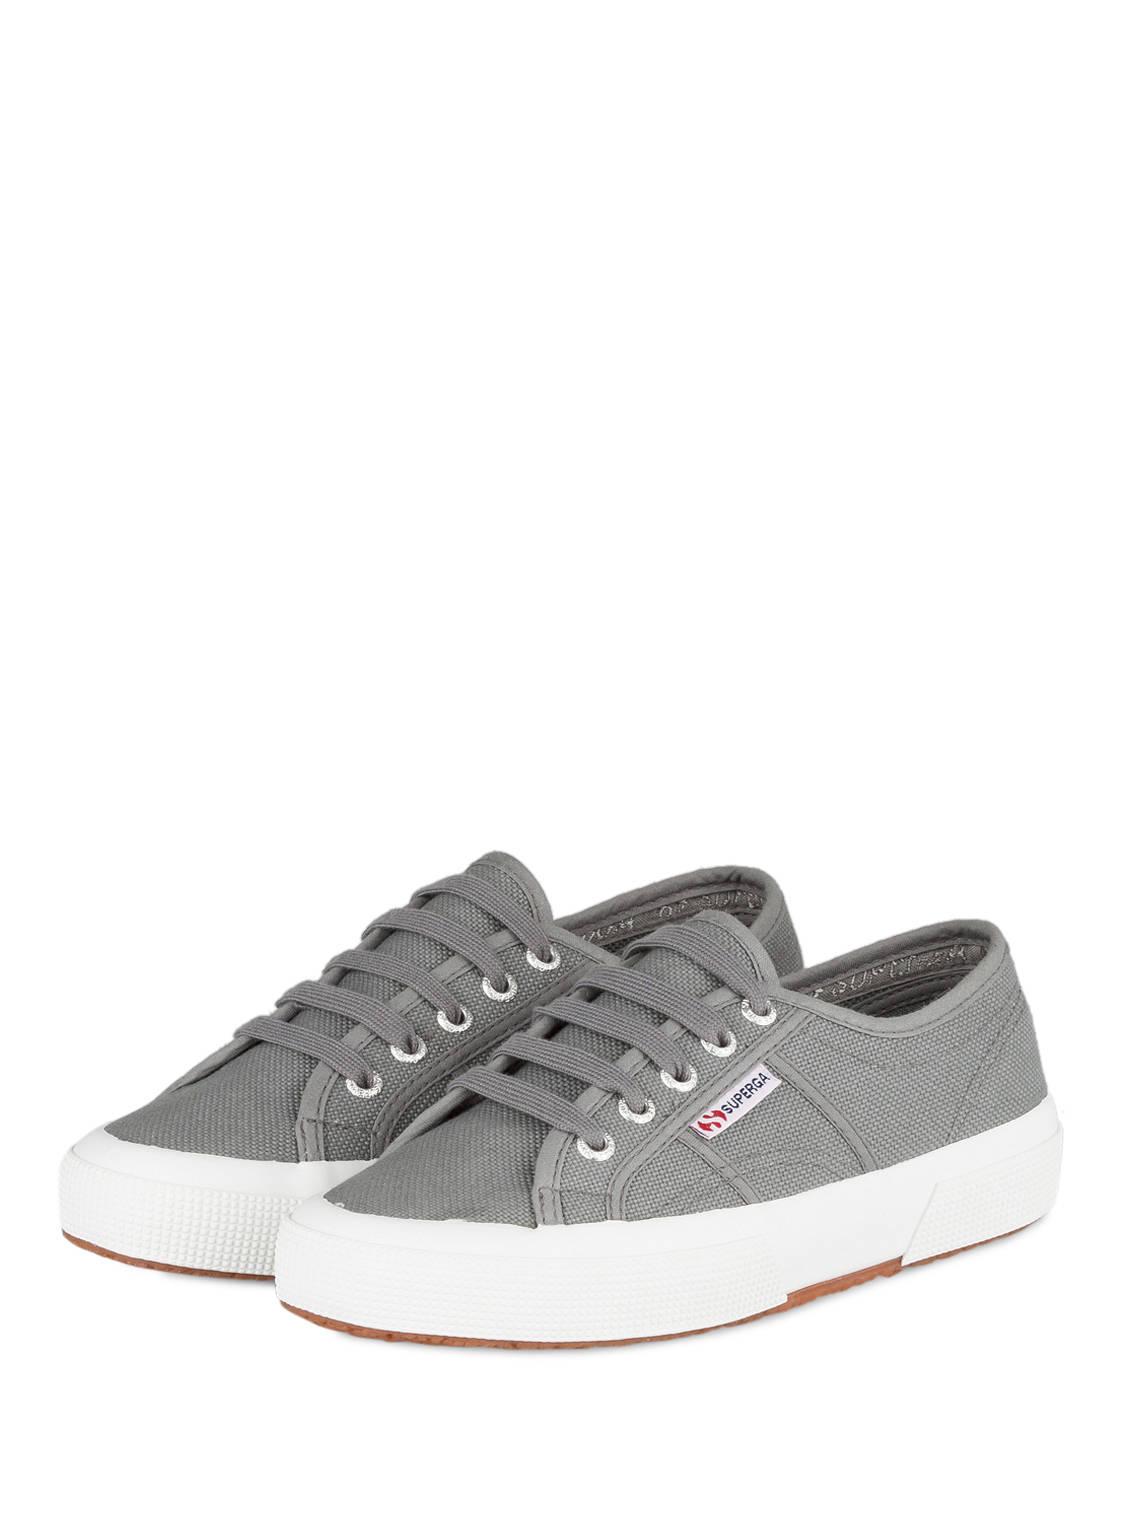 Sneaker aus Gummi in Schwarz für Damen, Größe 40 Superga